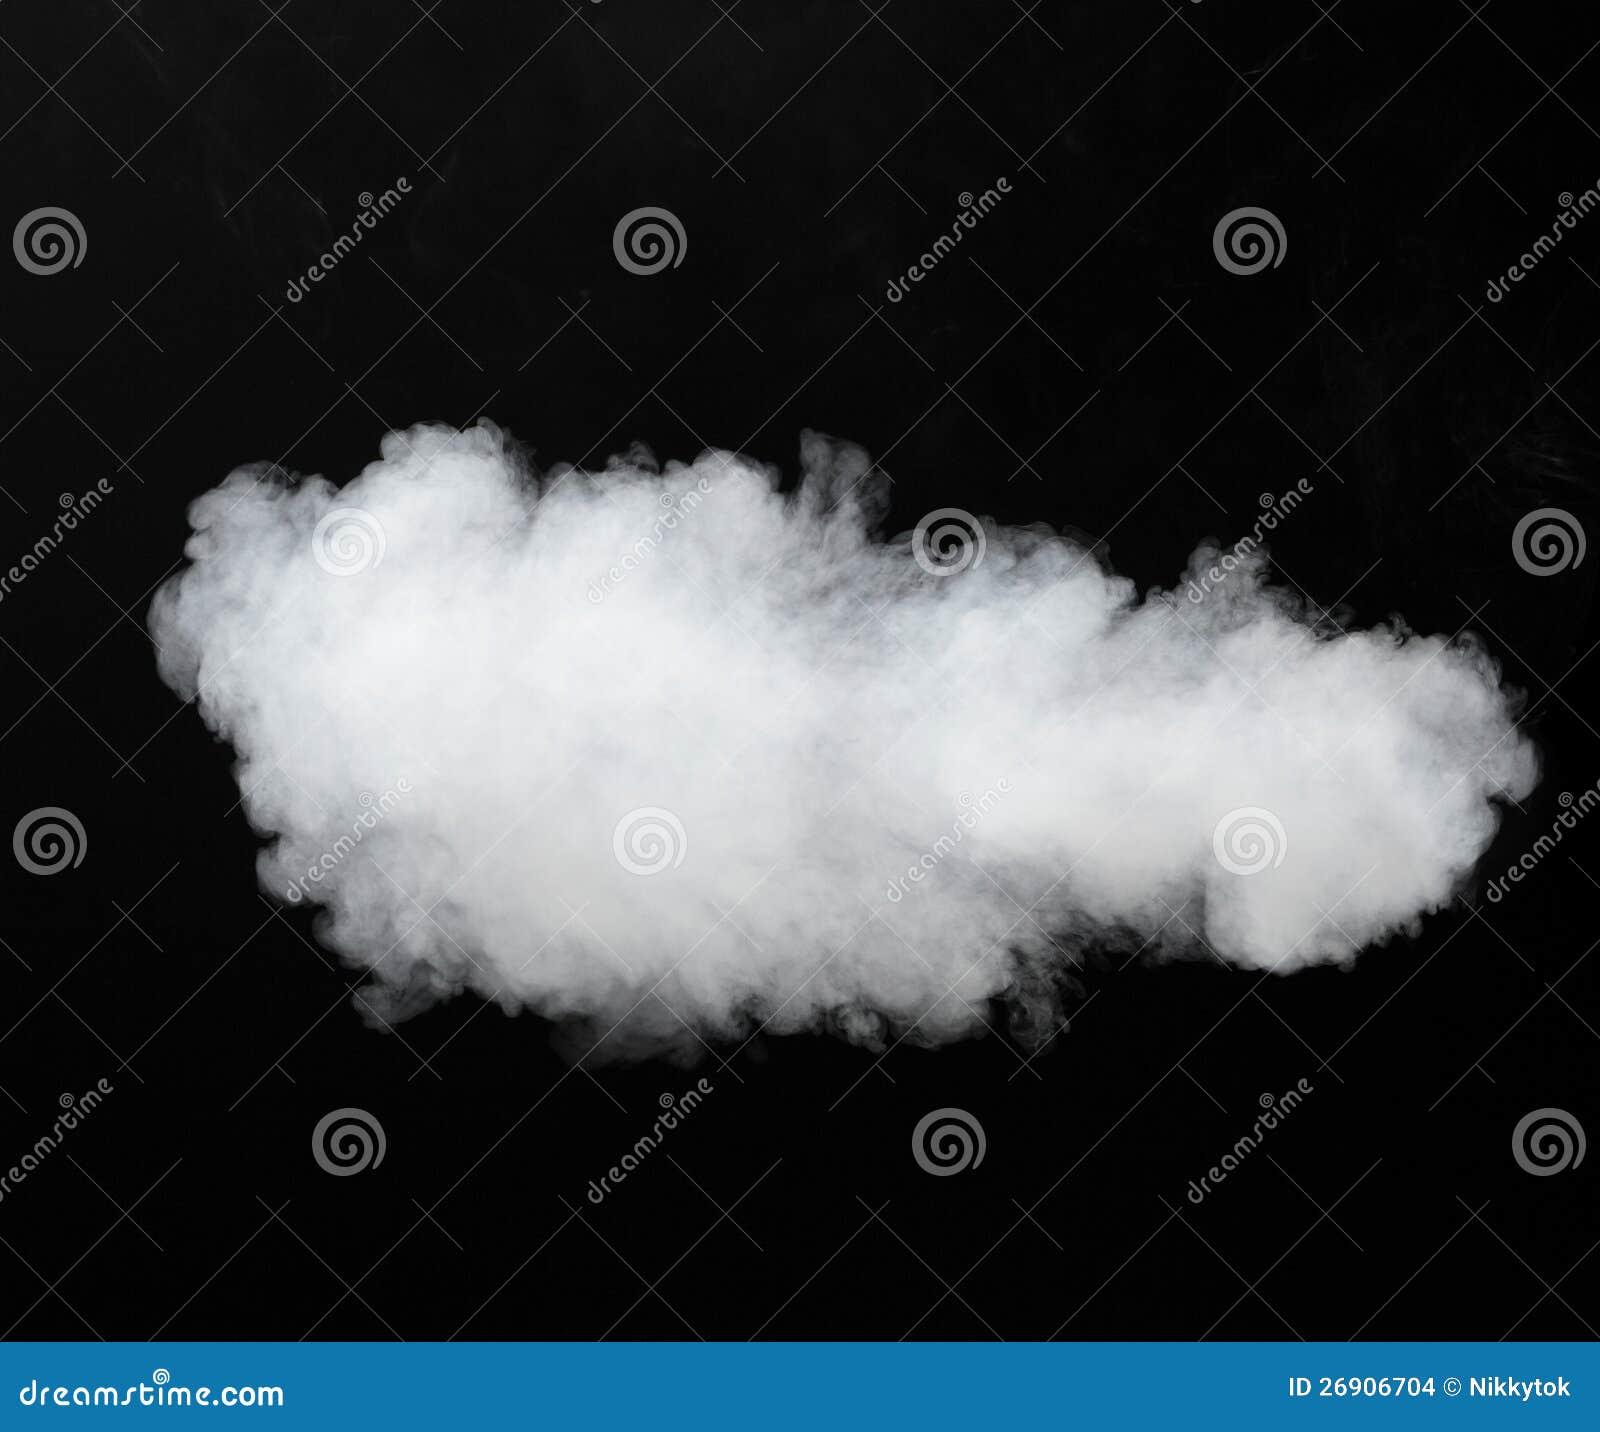 White smoke cloud